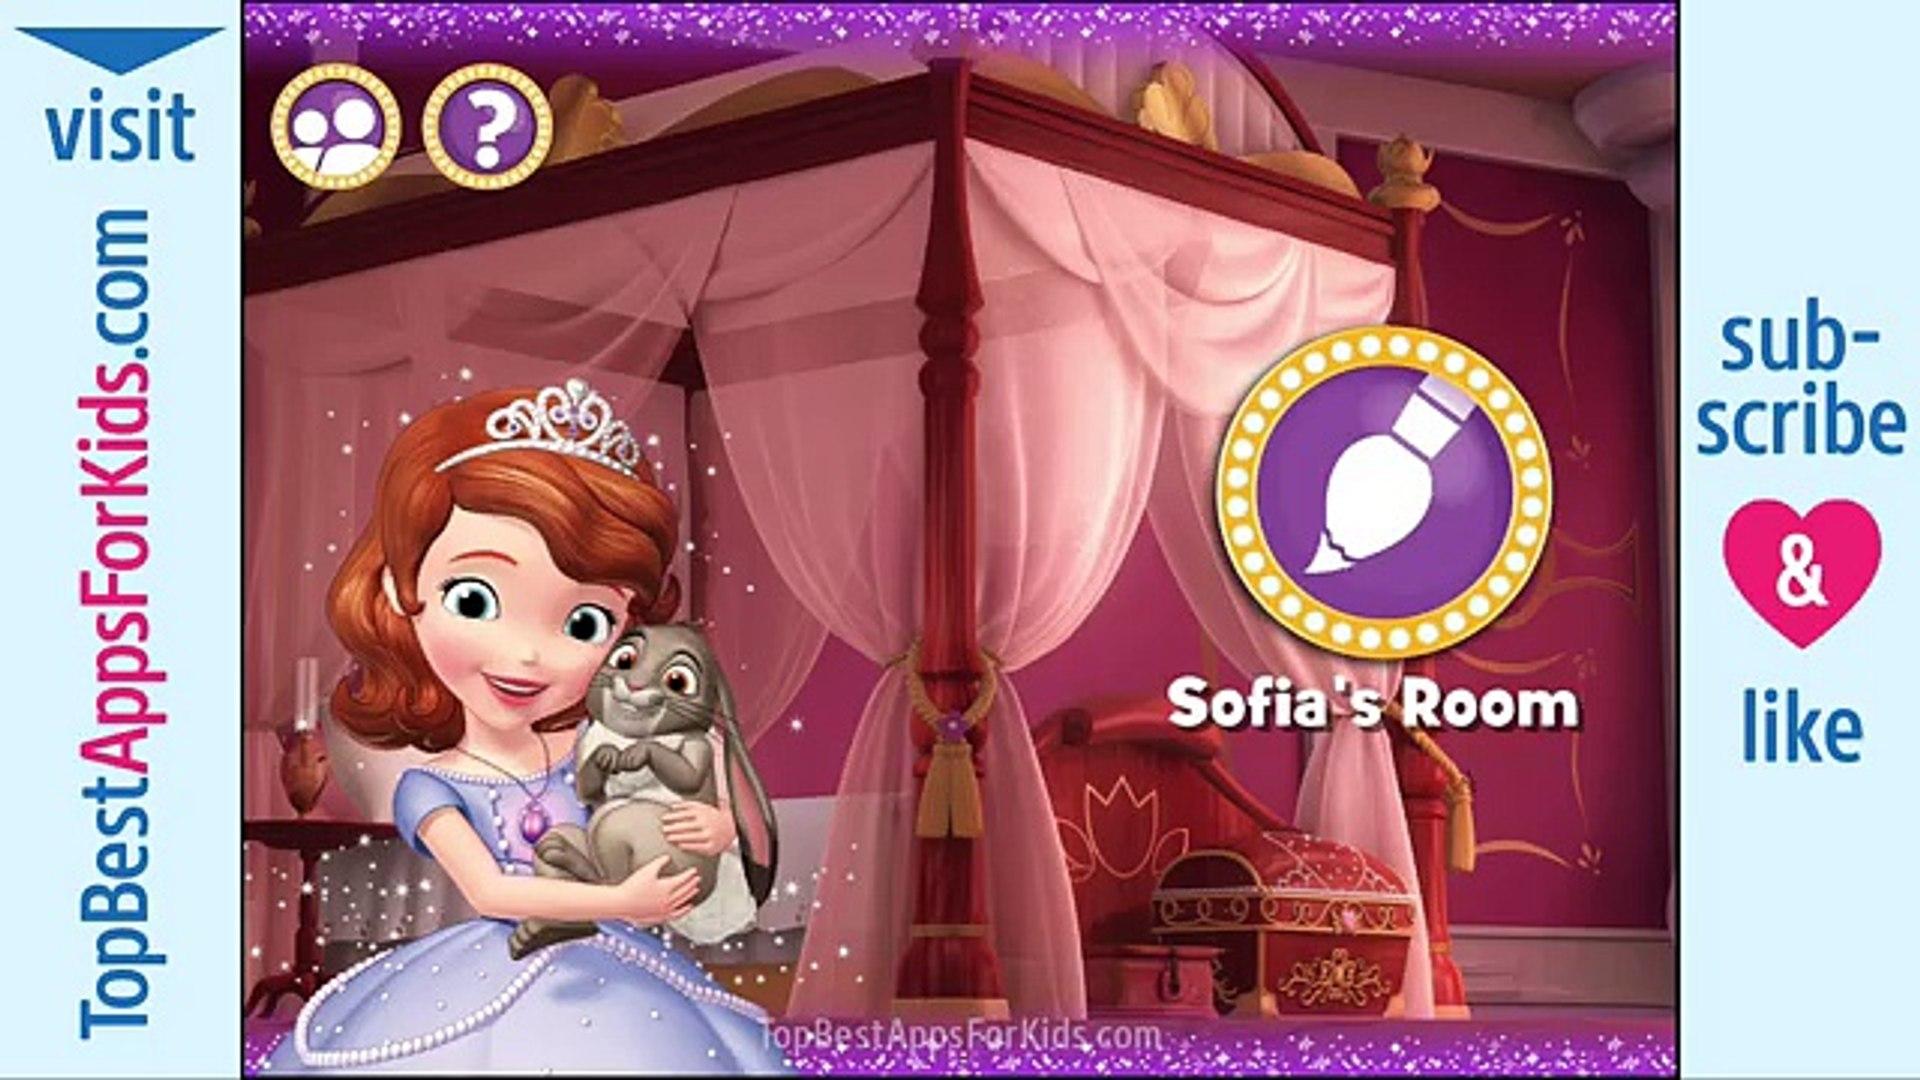 И приложение Цвет Первый для игра девушки играть София в Ipad iphone